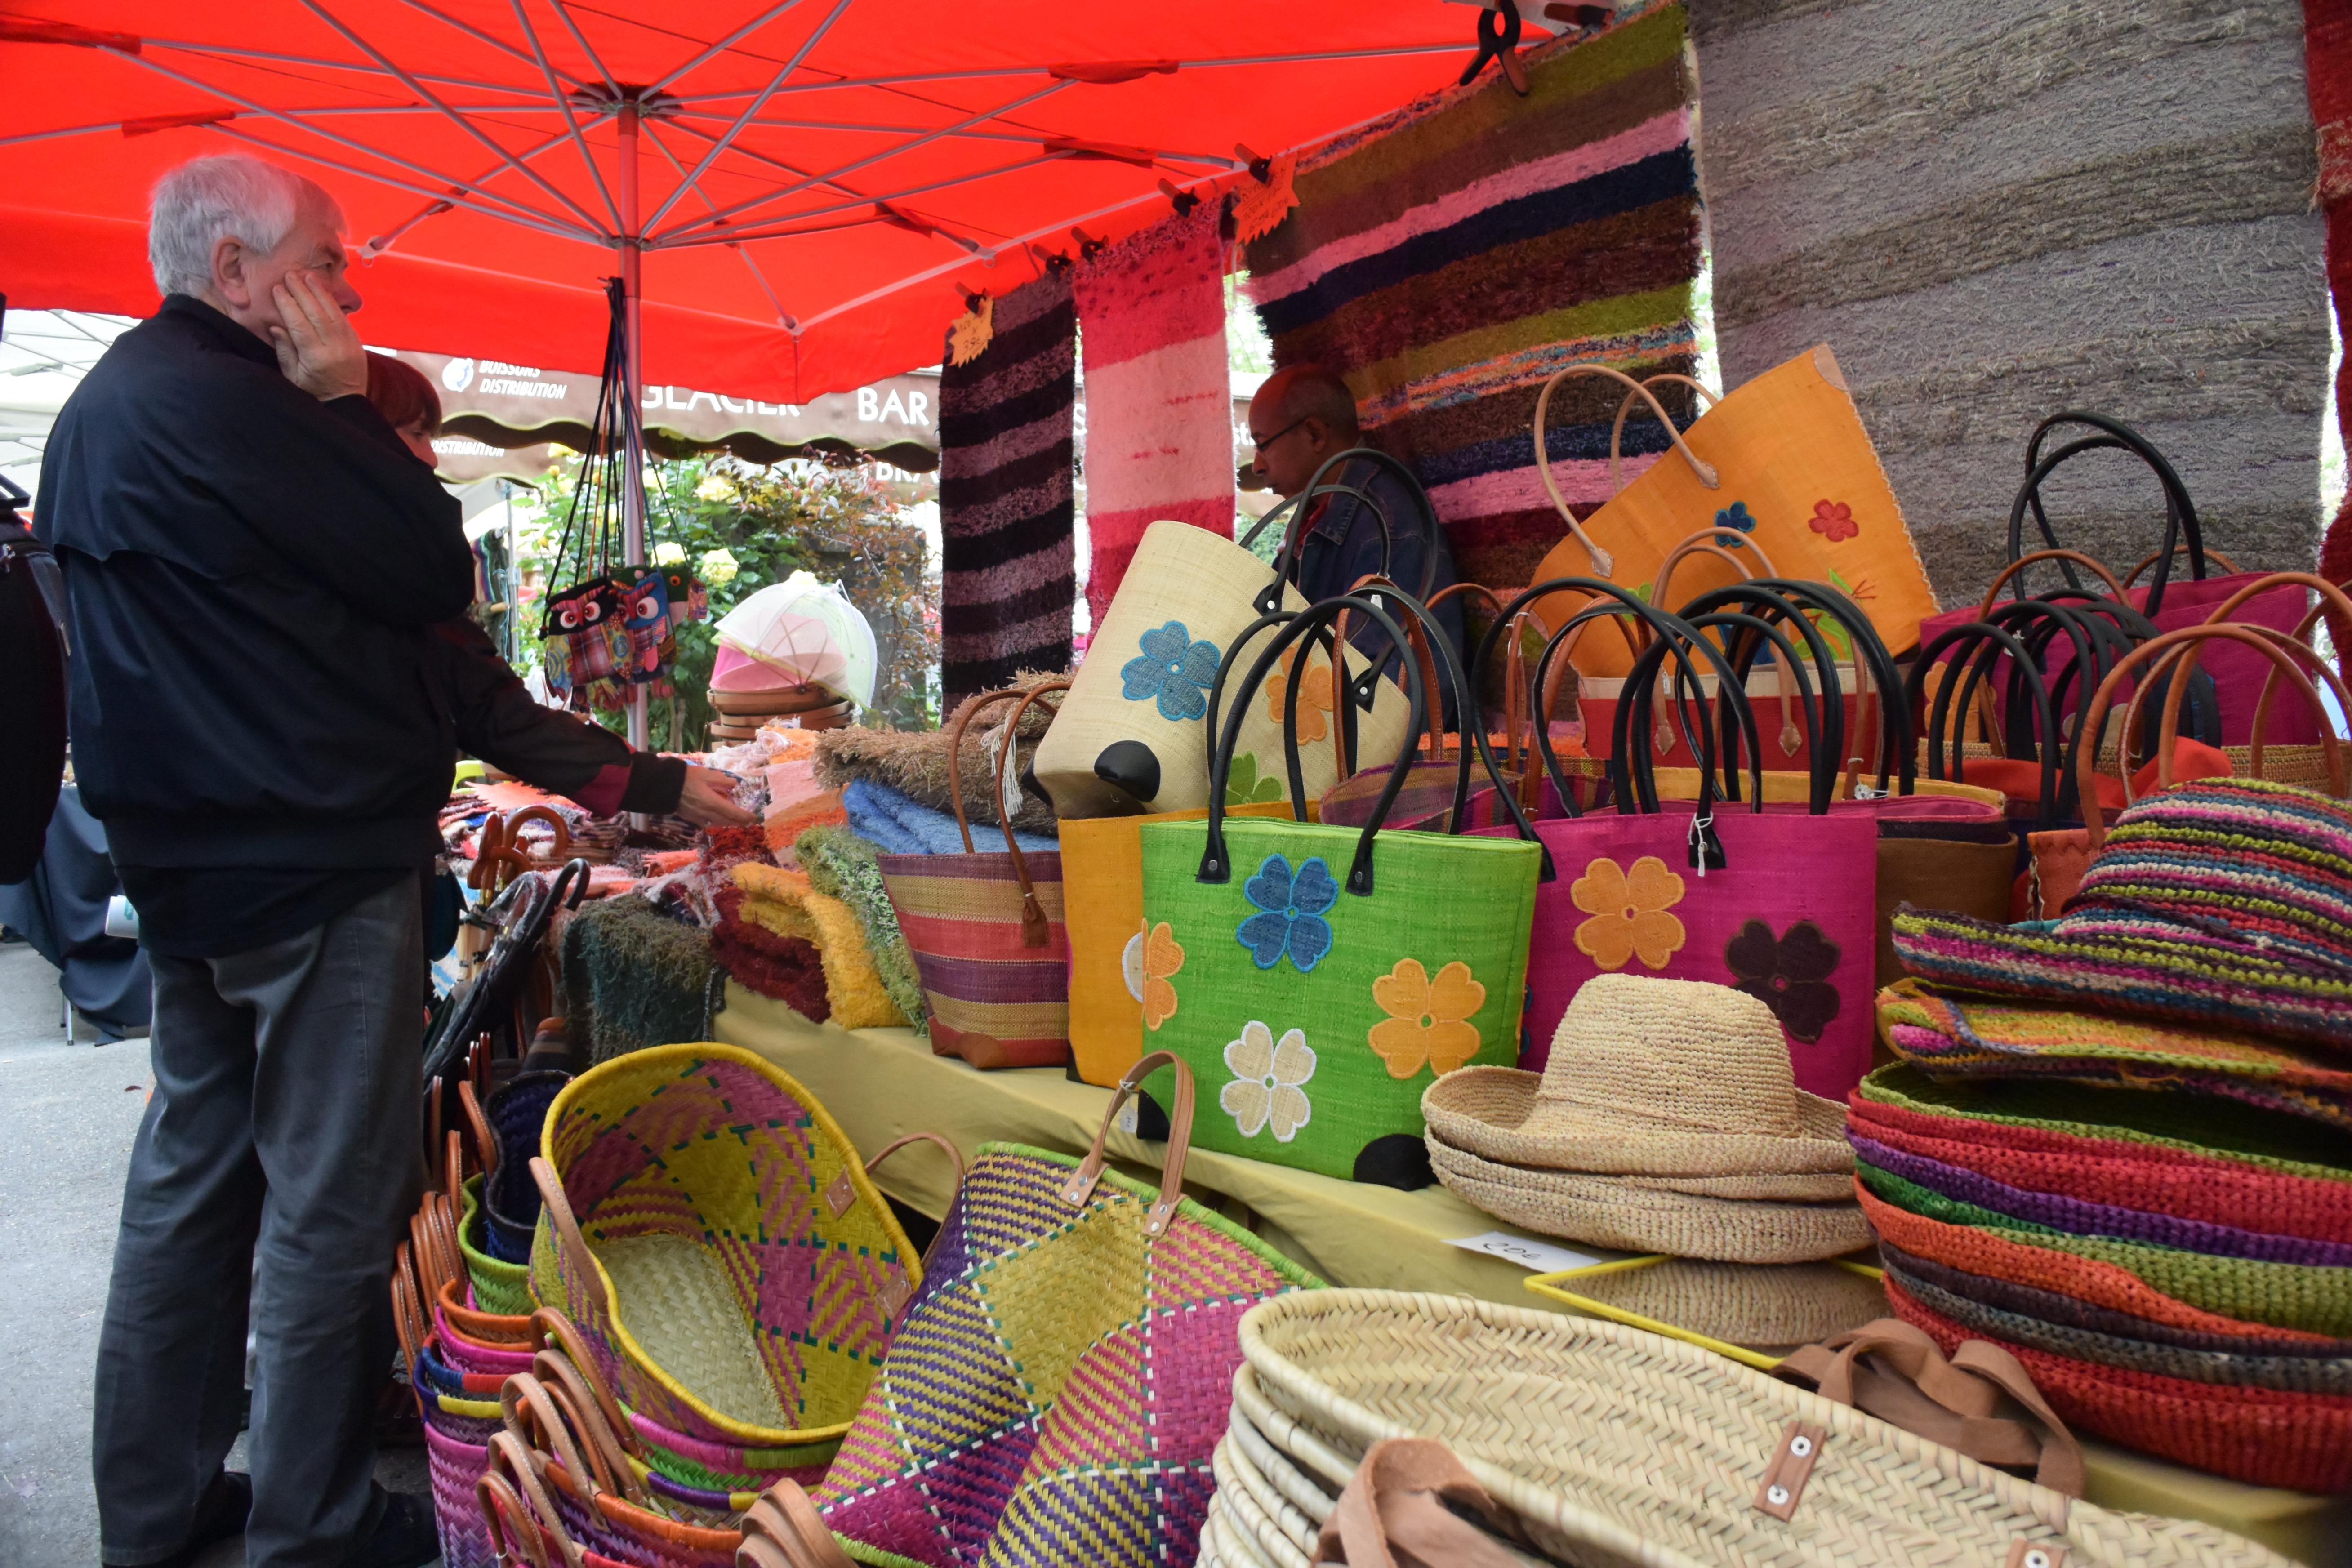 Handbag vendor at market